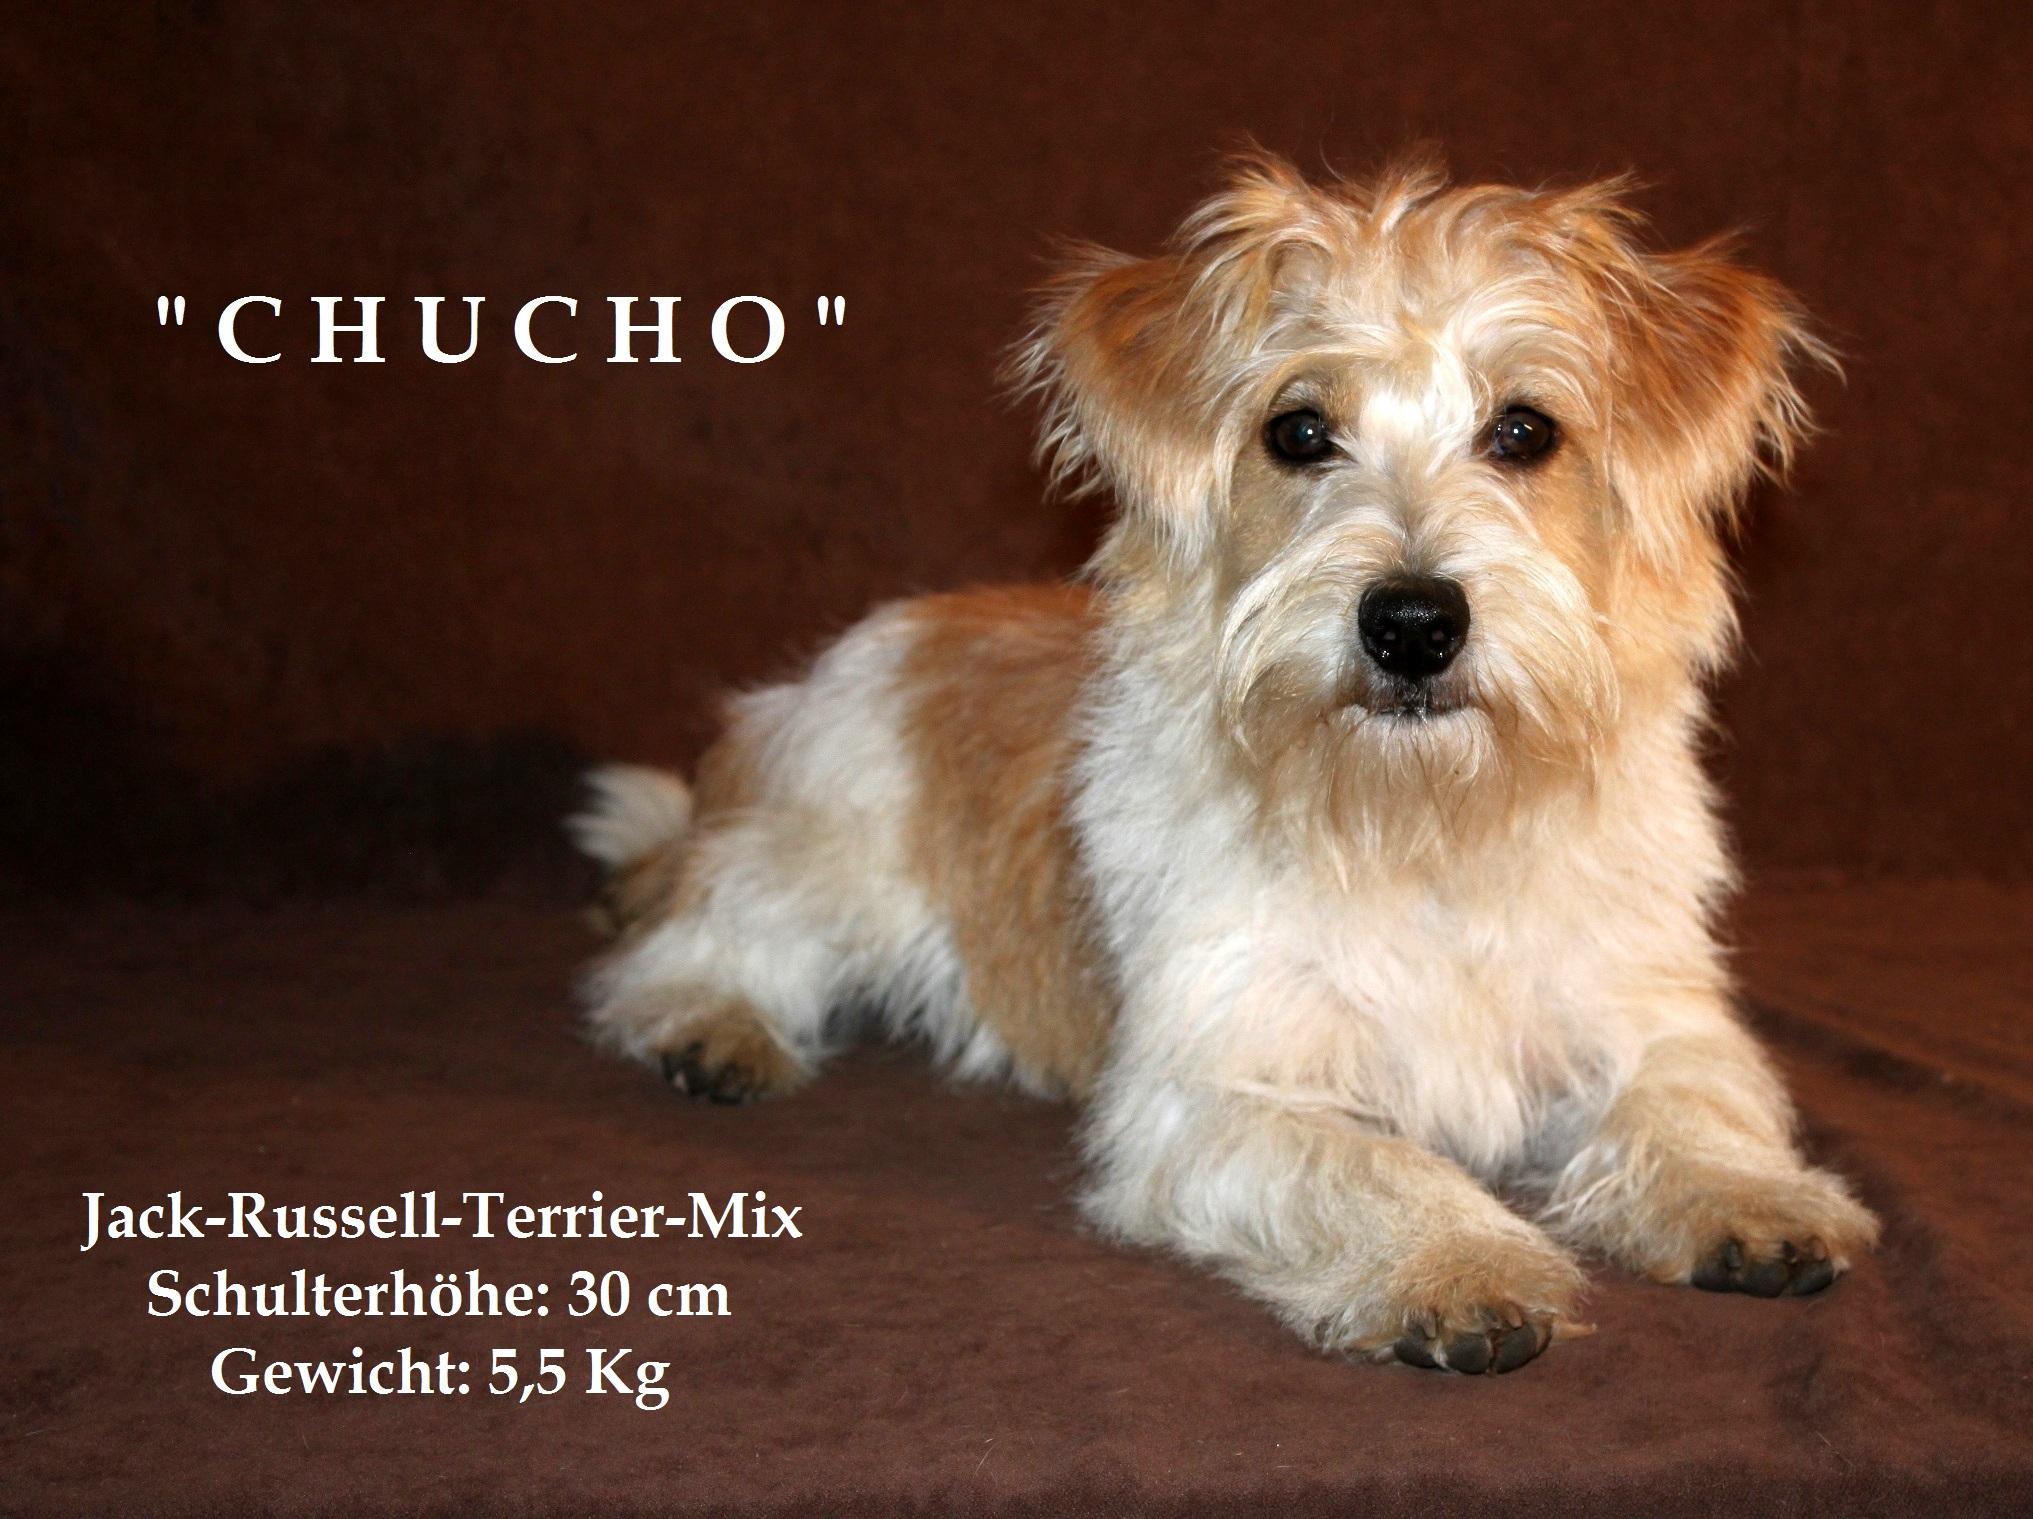 Chucho 6 beschriftet